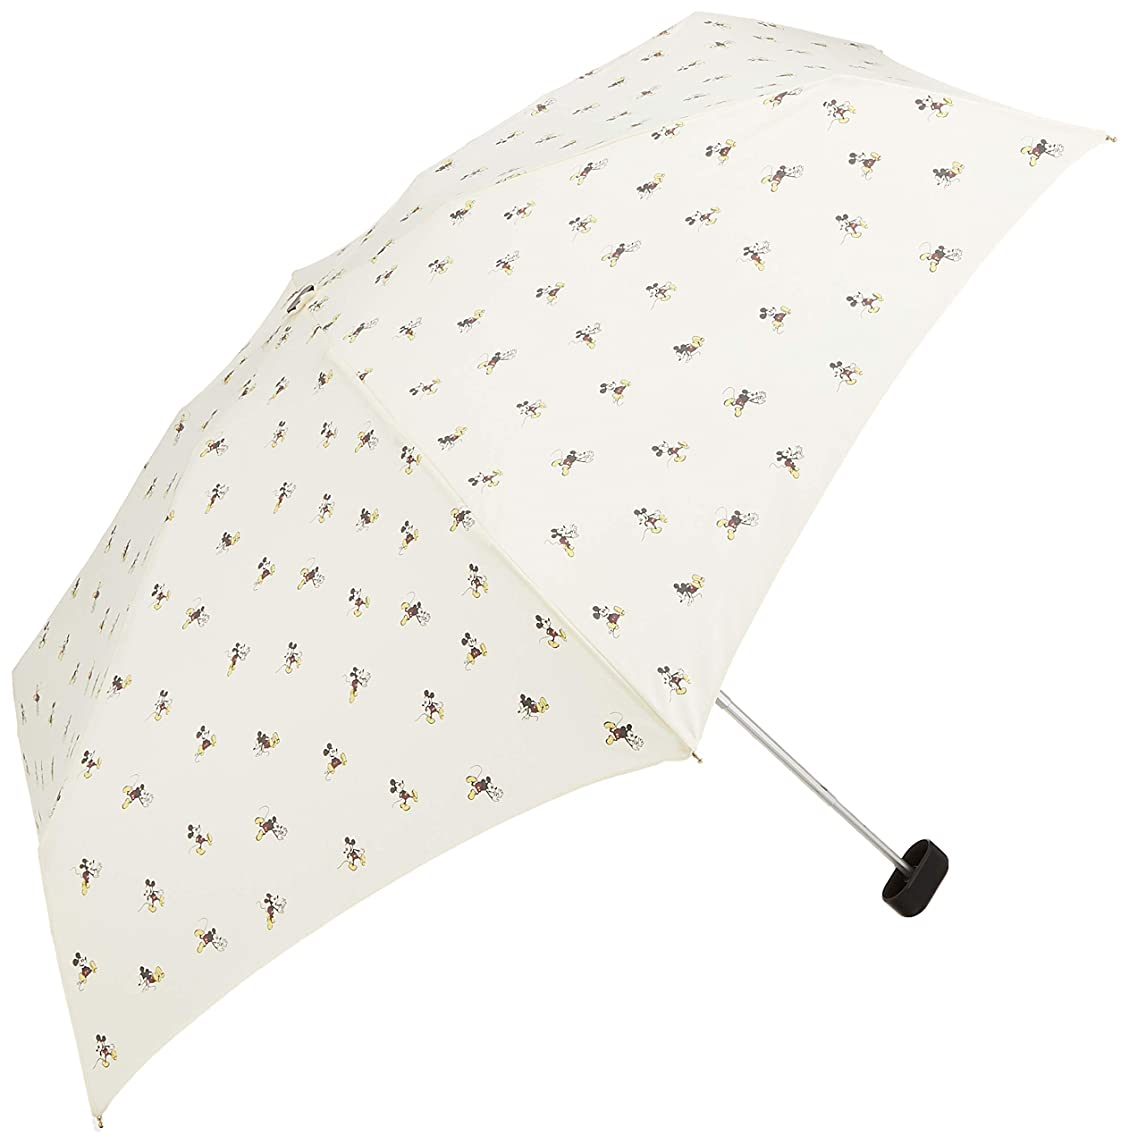 耐える伝染病バラバラにするワールドパーティー(Wpc.) ディズニー雨傘 折りたたみ傘 白 50cm レディース ポーチタイプ ミッキーマウス/リトルミニ DS070-179 OF